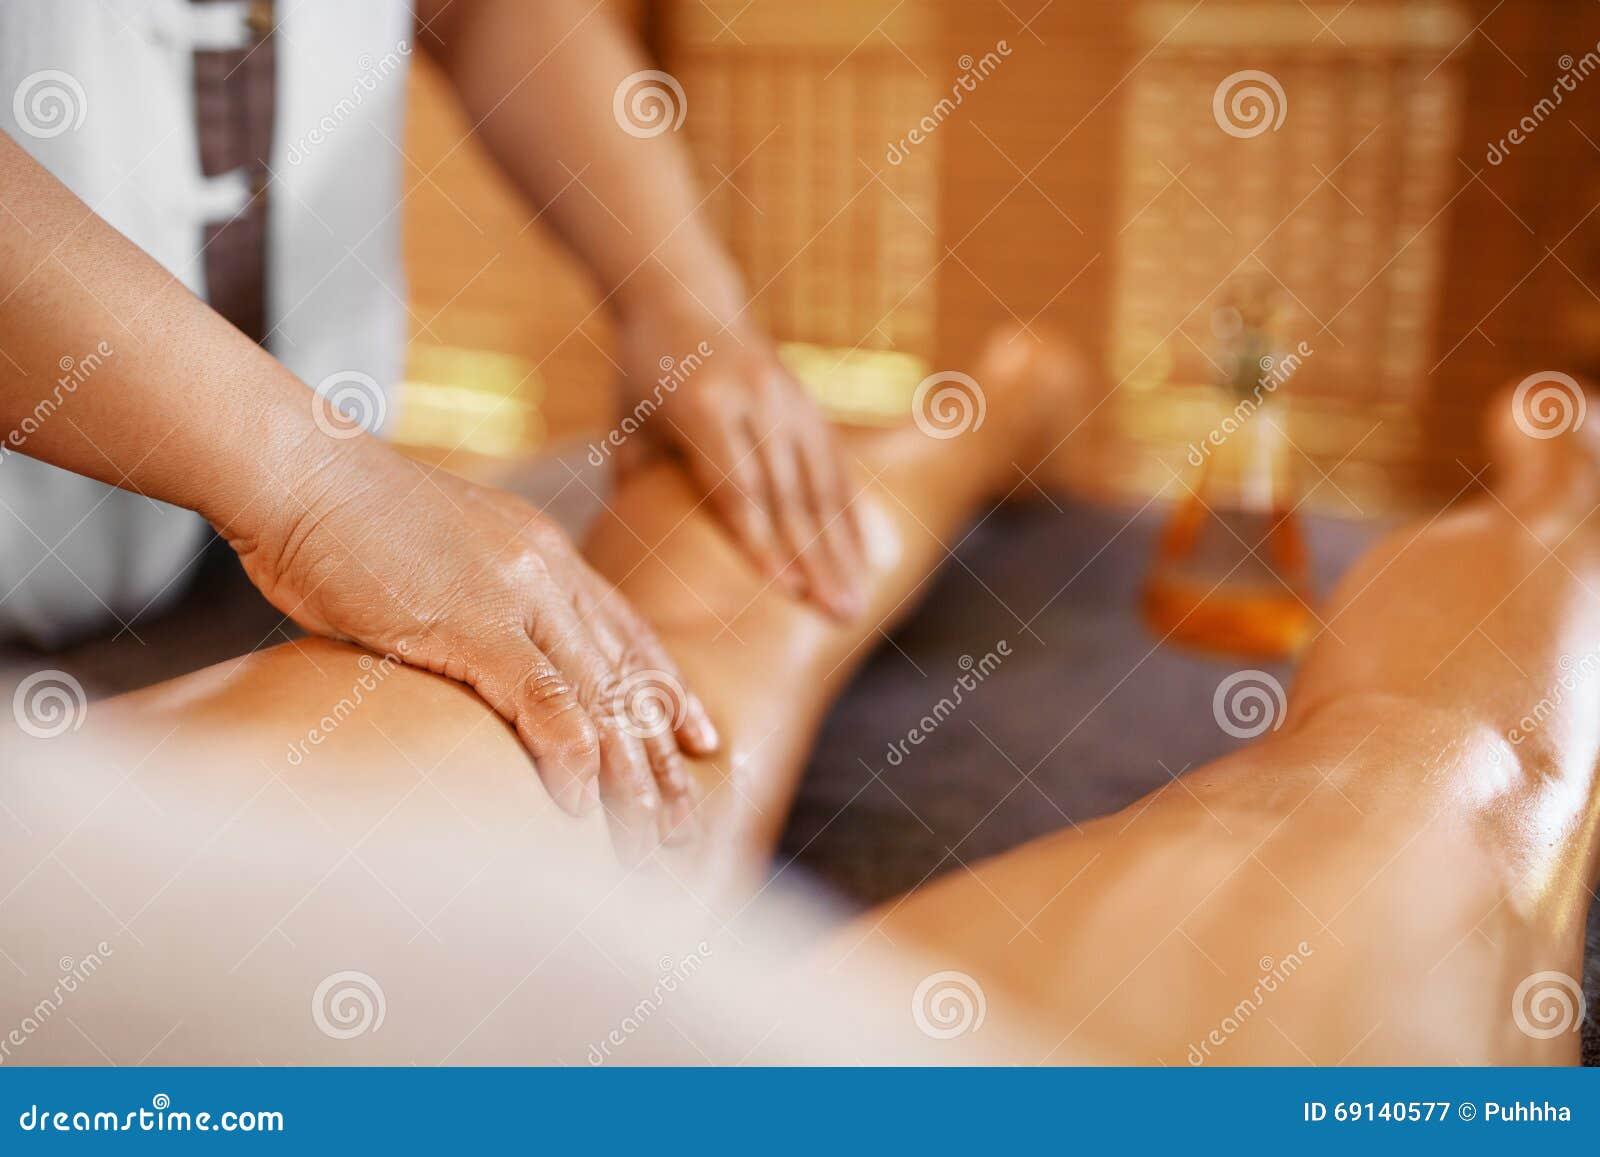 De Vrouw van het kuuroord De Massagetherapie van het oliebeen, Behandeling De zorg van de lichaamshuid